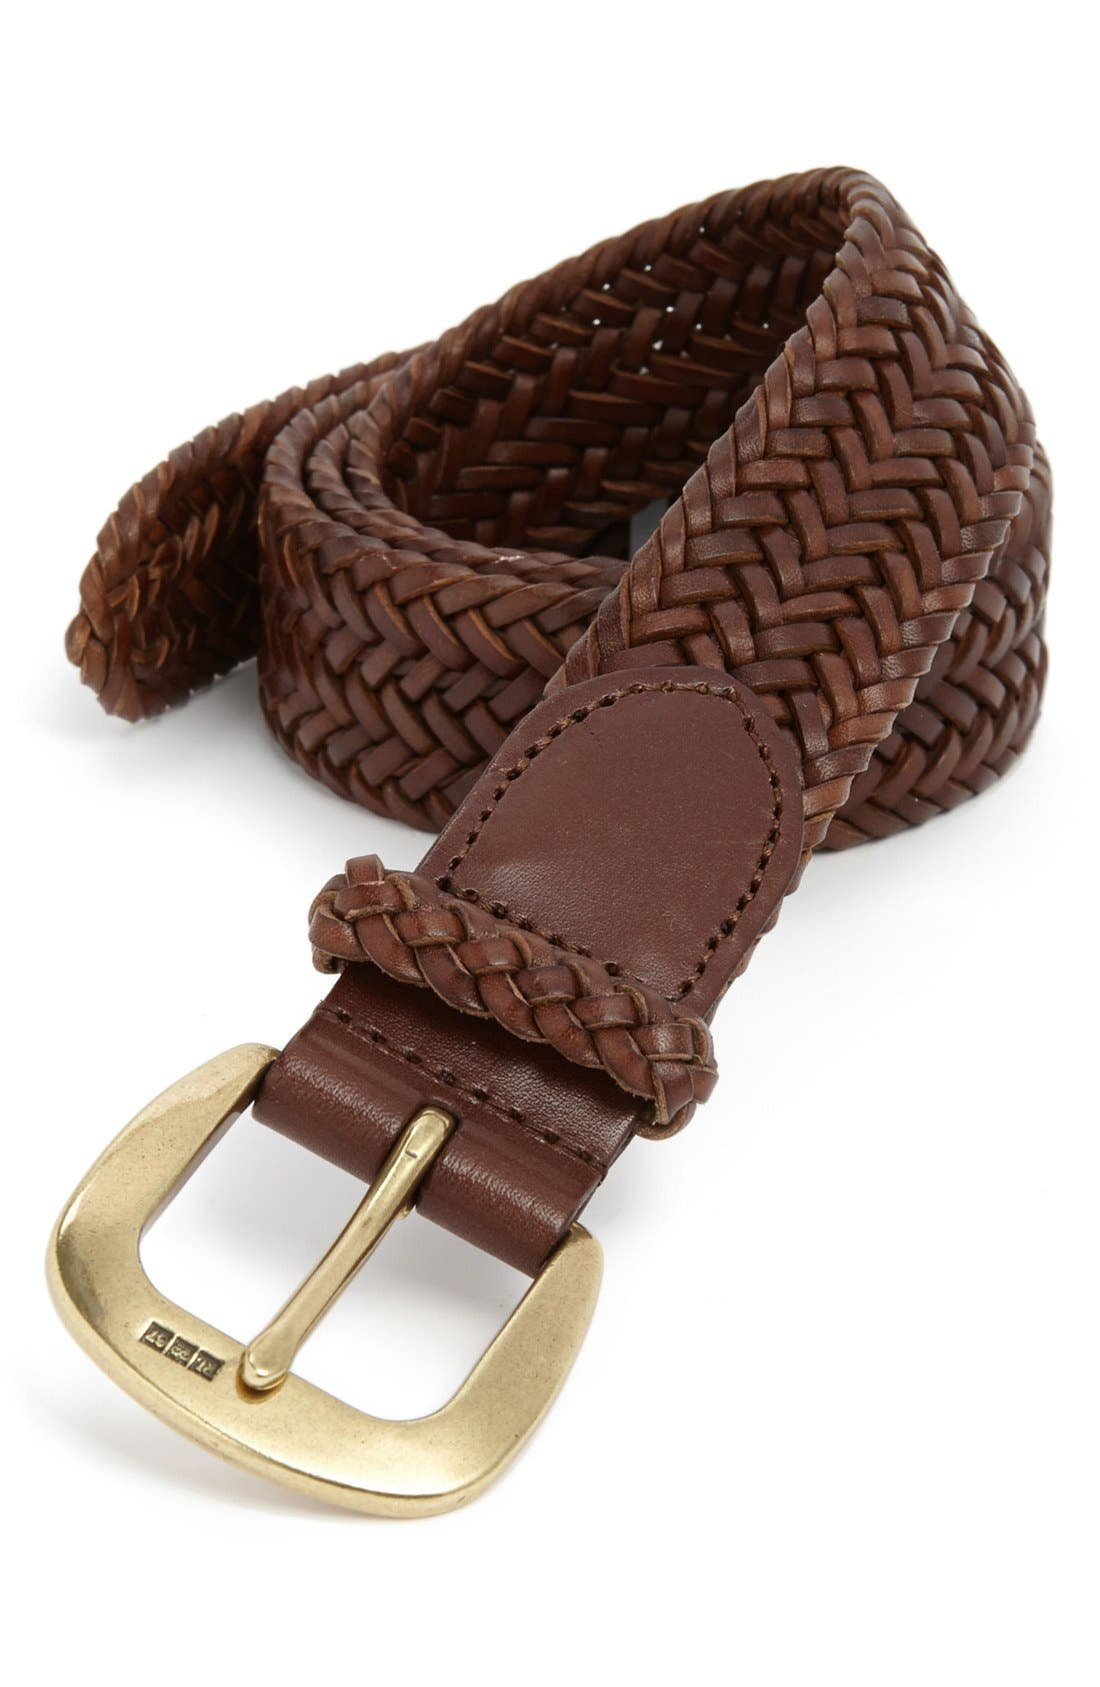 POLO RALPH LAUREN Leather Belt, Main, color, 201